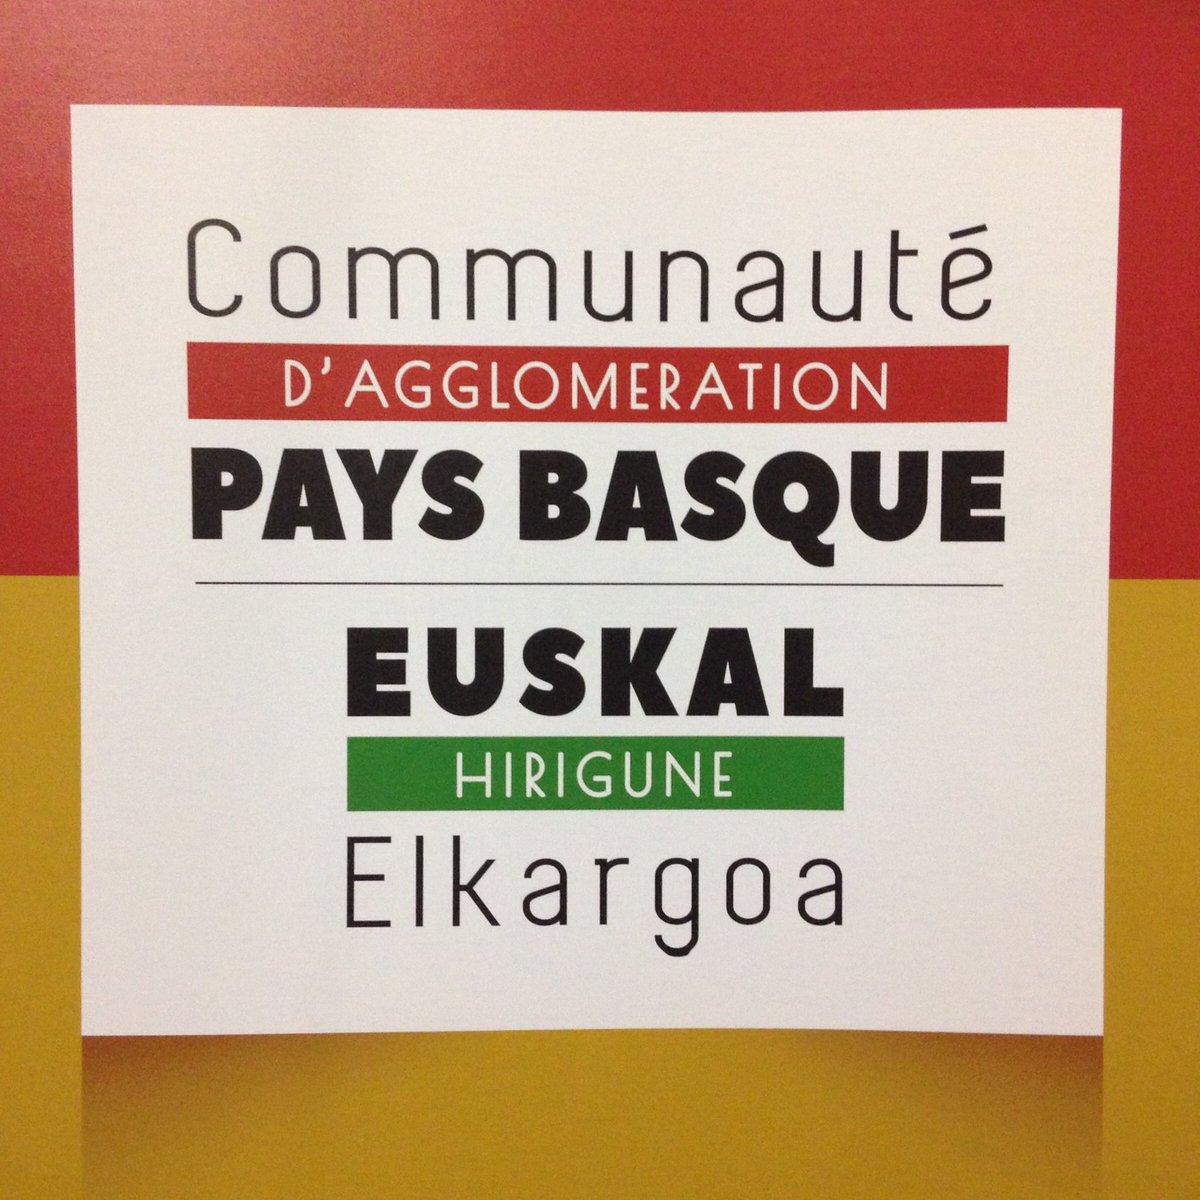 #paysbasque: #paysbasque